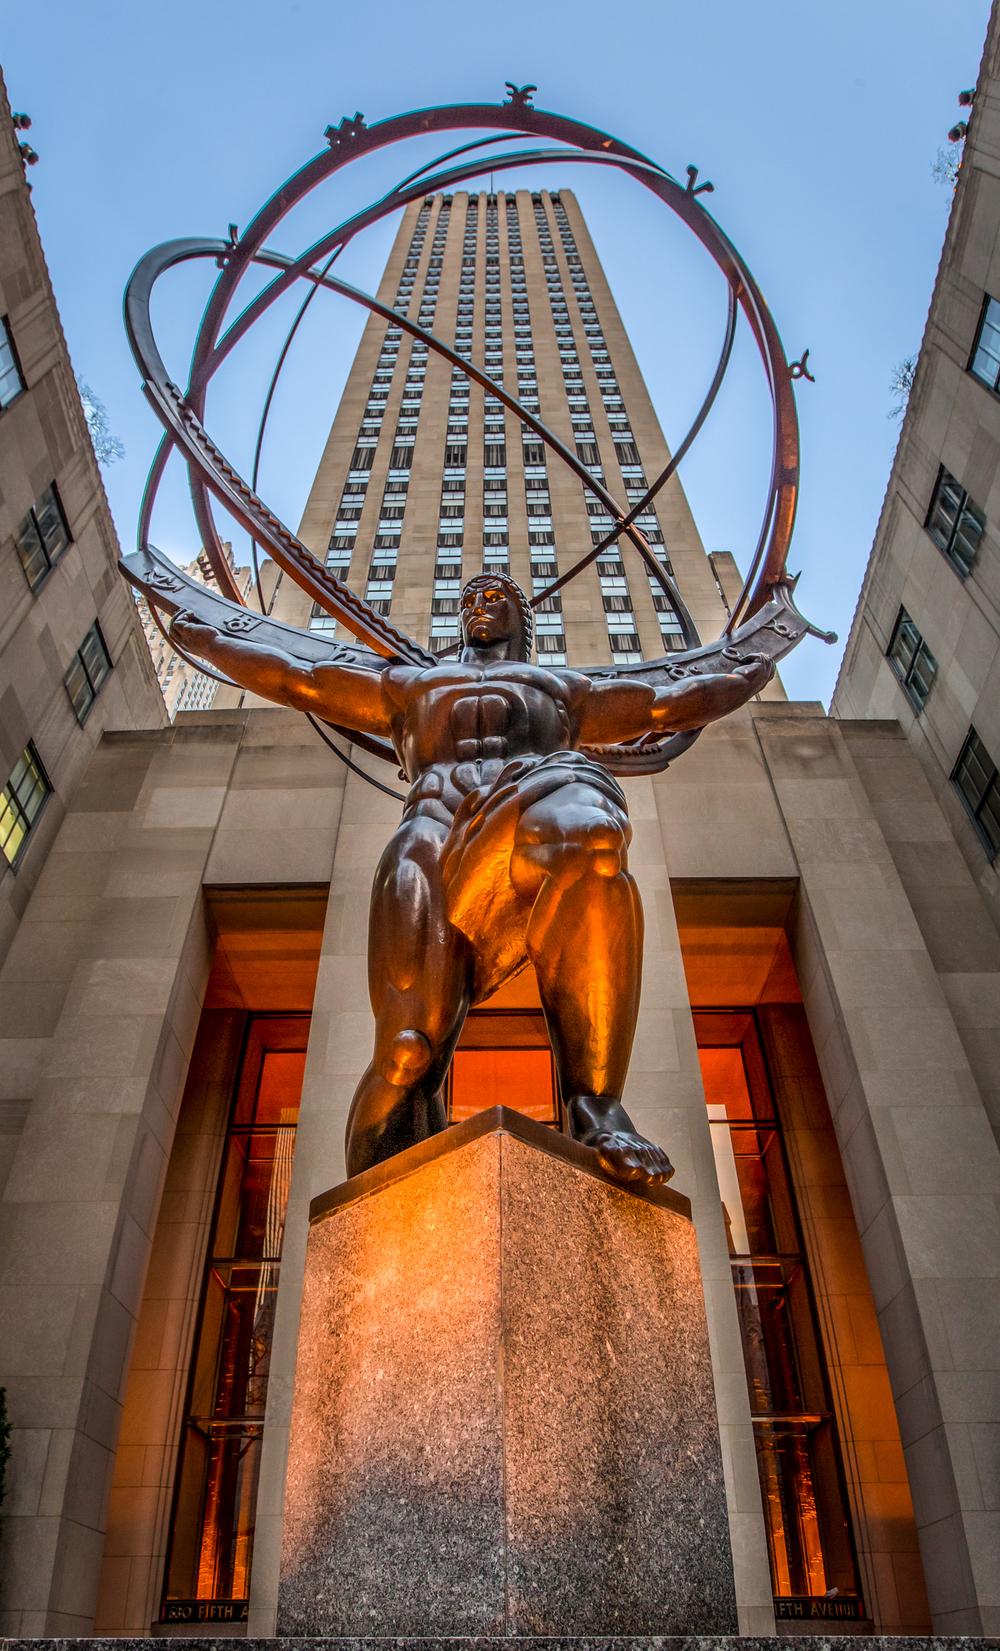 Atlas at Rockefeller Center, New York, NY